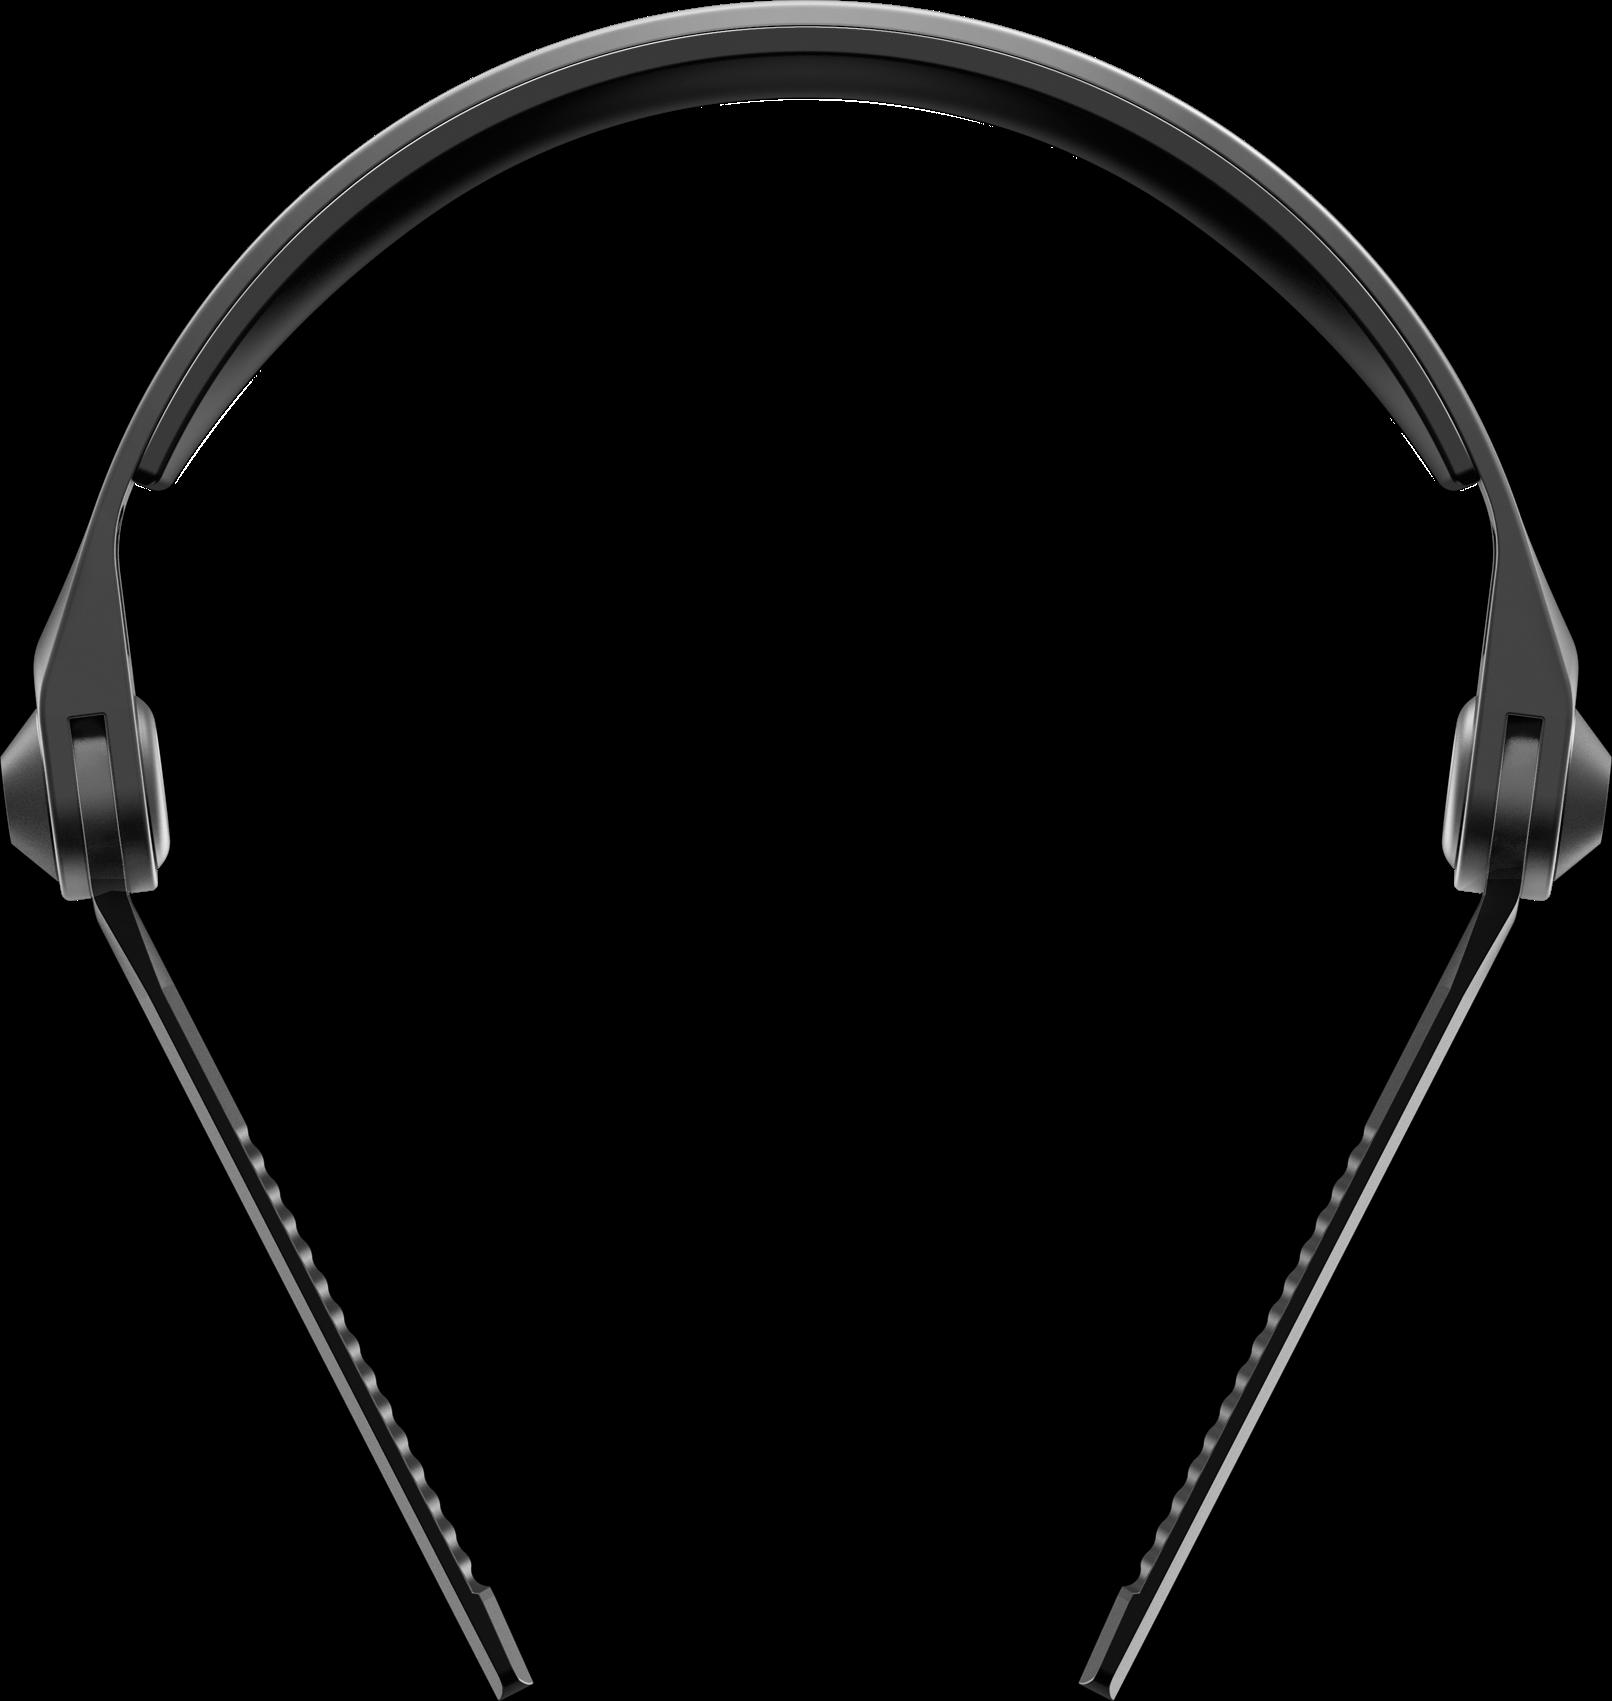 HC-HB0201